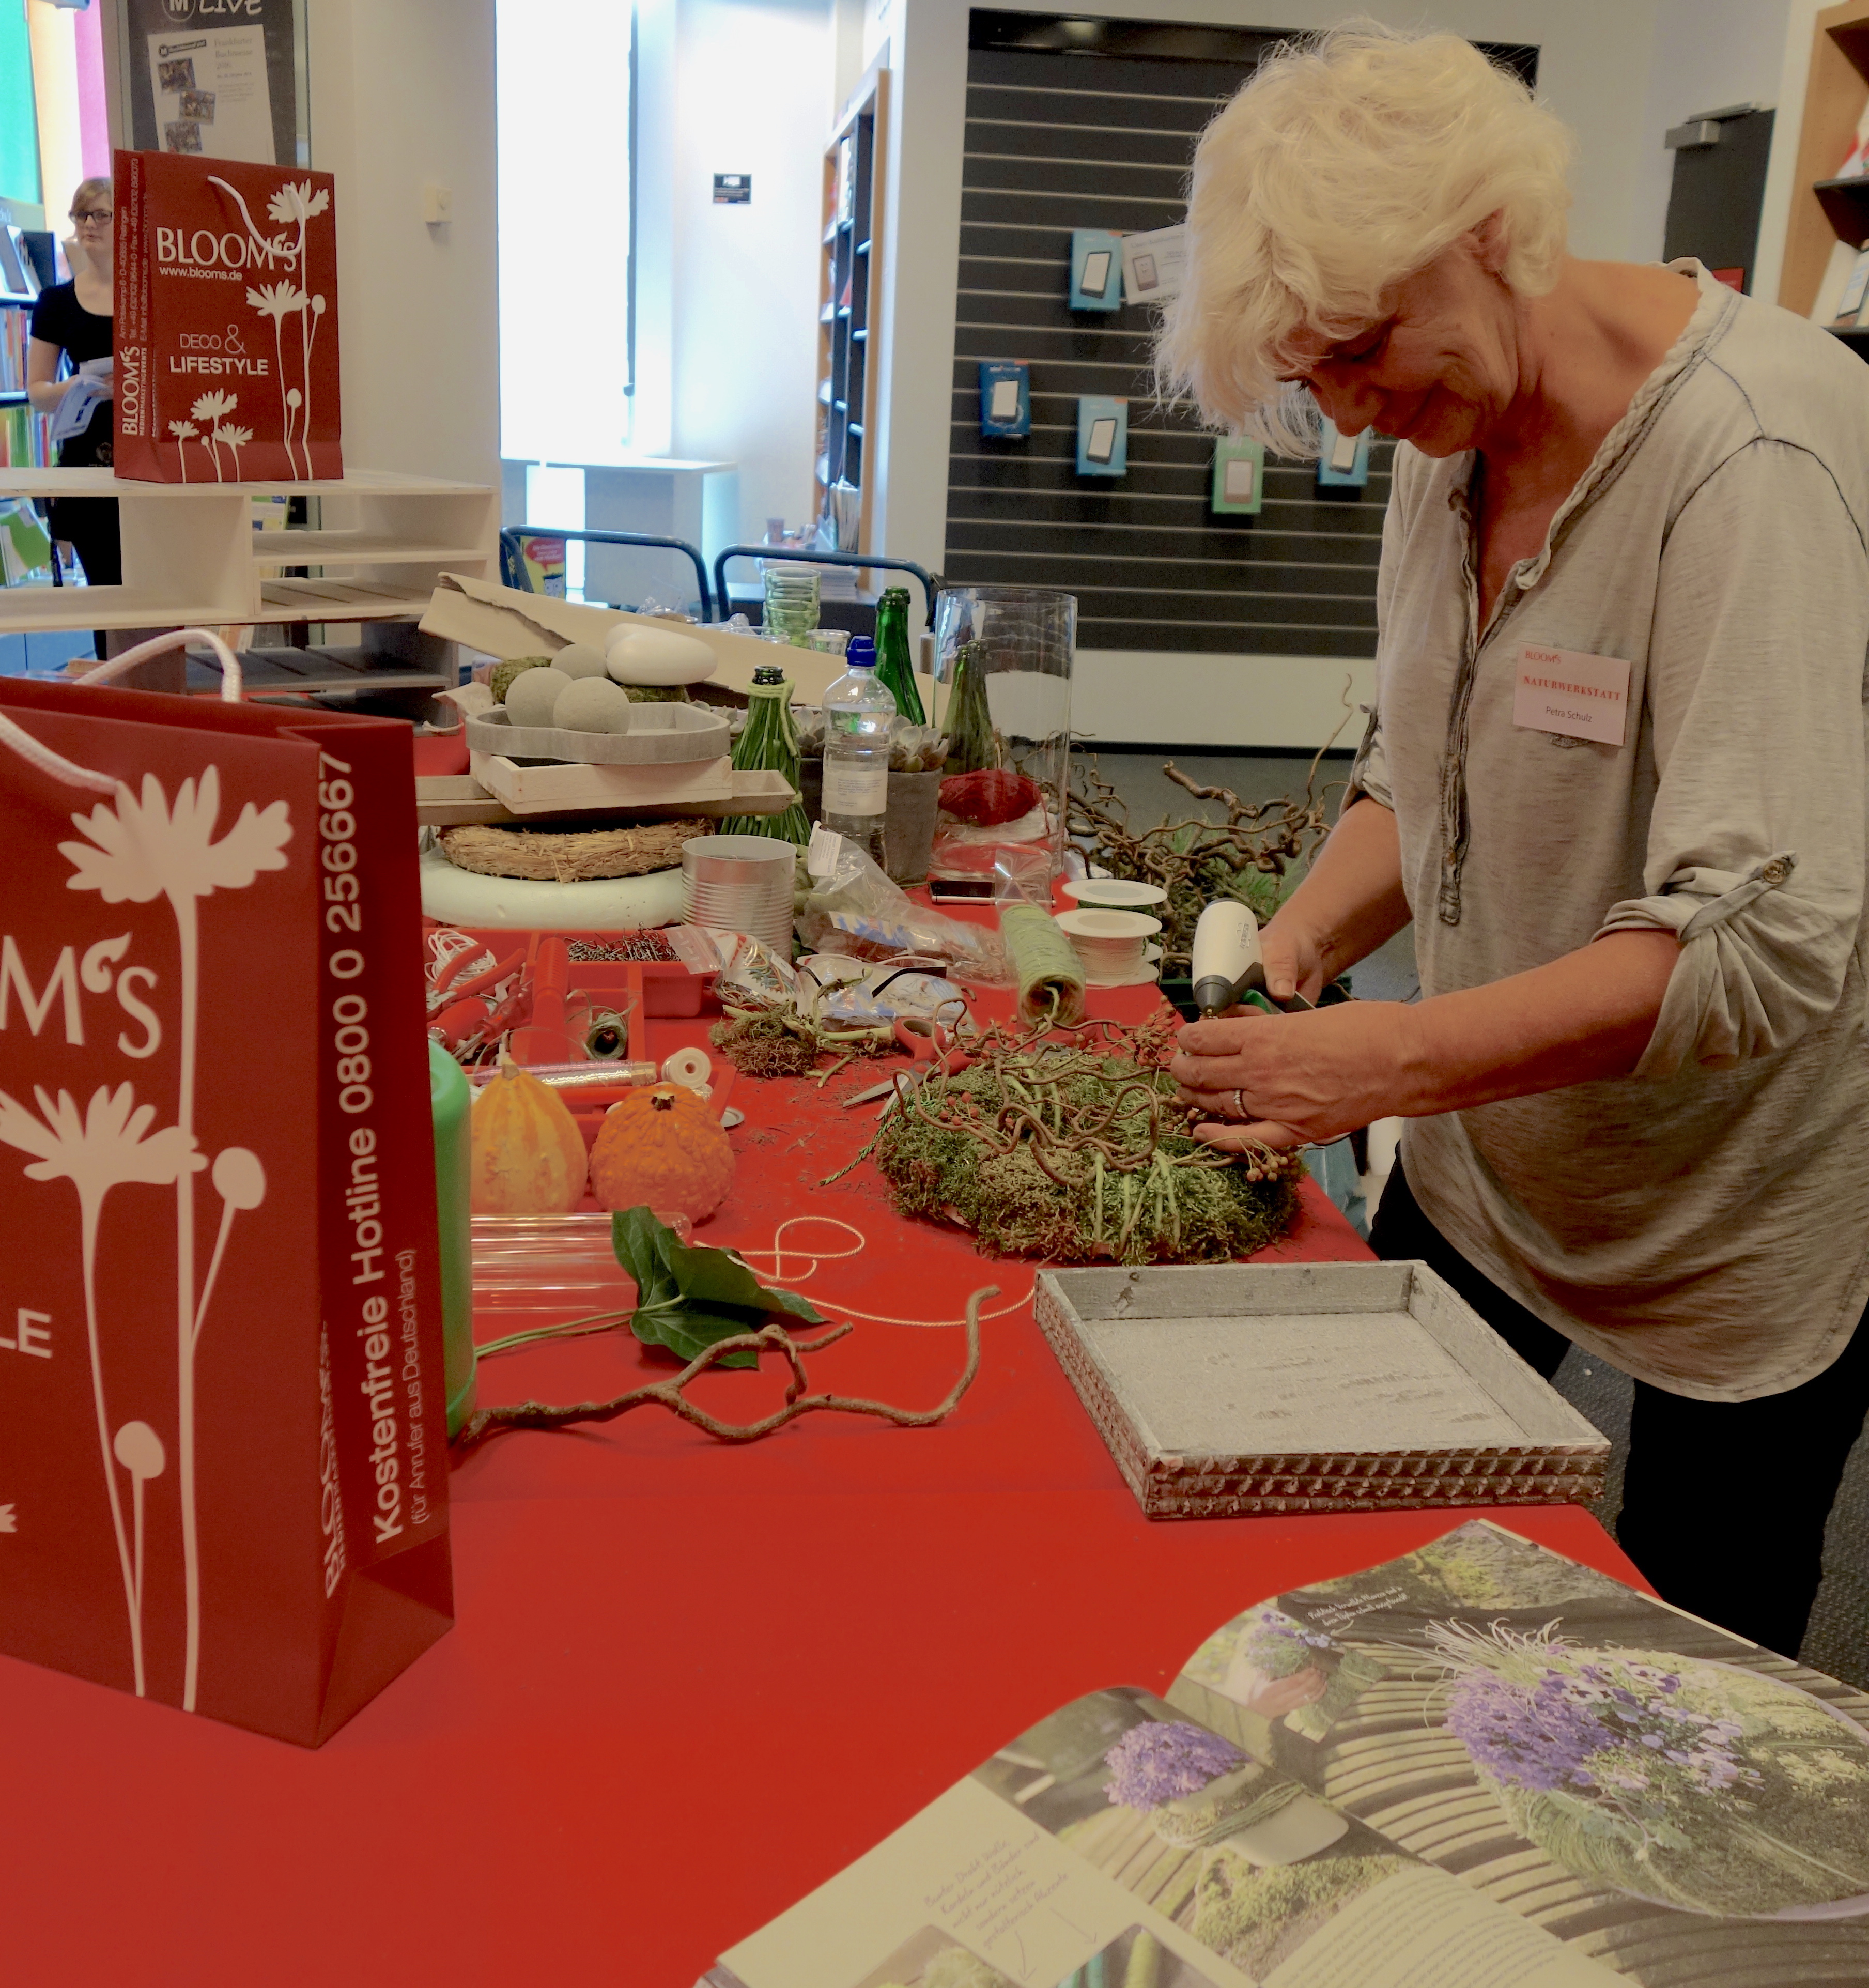 Petra Schulz von Blooms zeigte, wie man mit Fundstücken aus dem Wald tolle Dekos basteln kann.